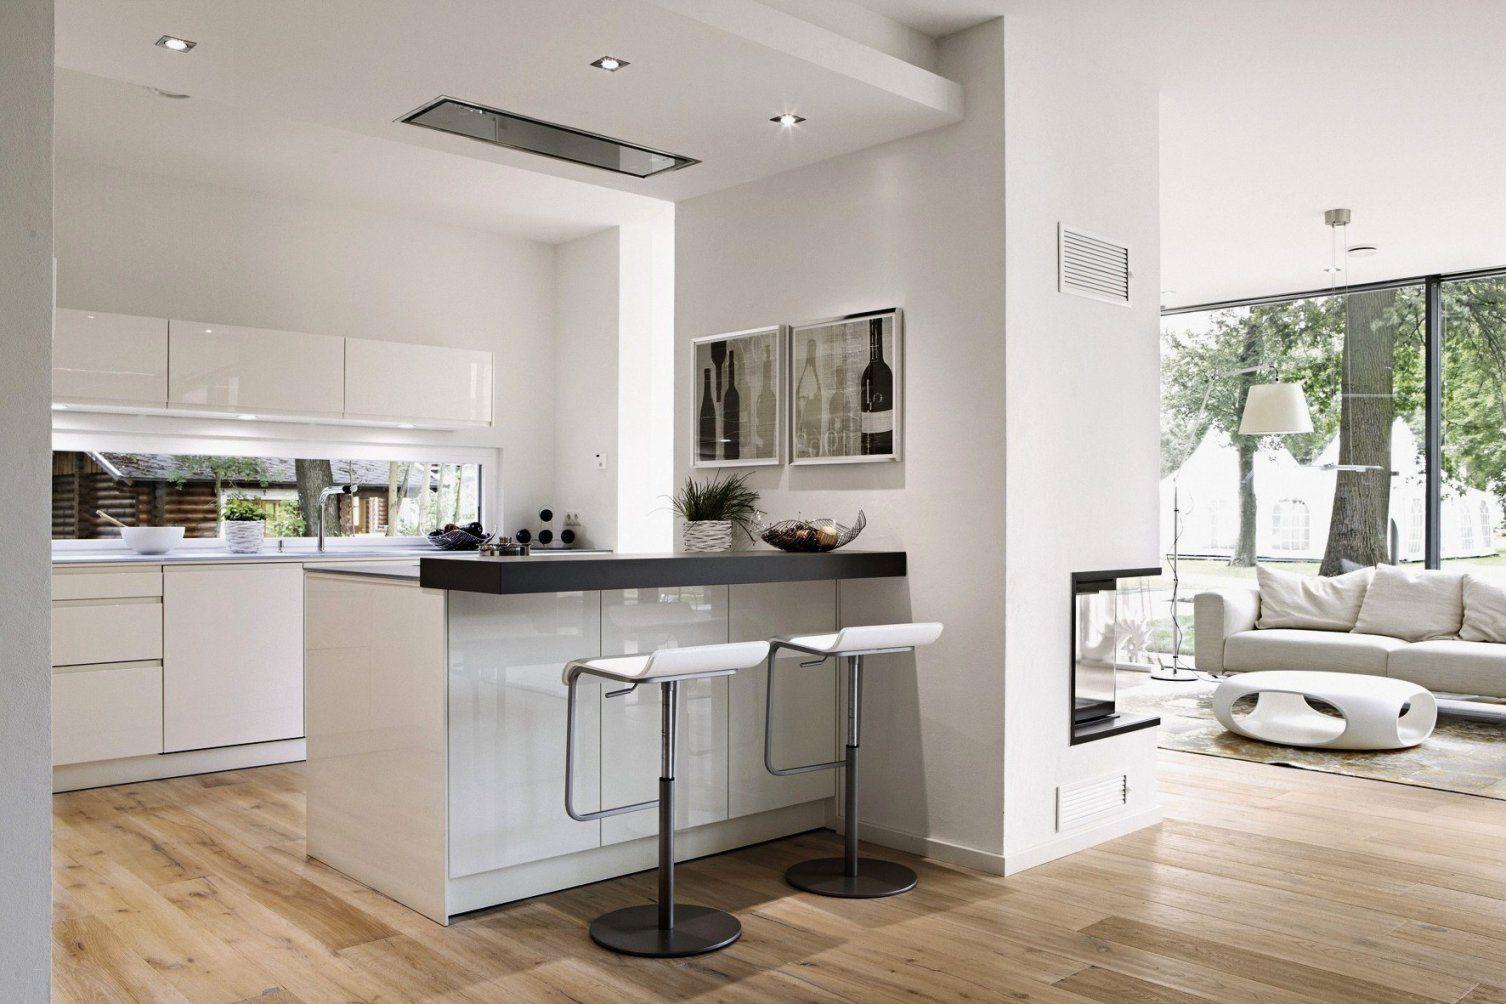 Ideen Offene Küche Wohnzimmer Inspirierend Best Fene Kuche von Ideen Offene Küche Wohnzimmer Bild